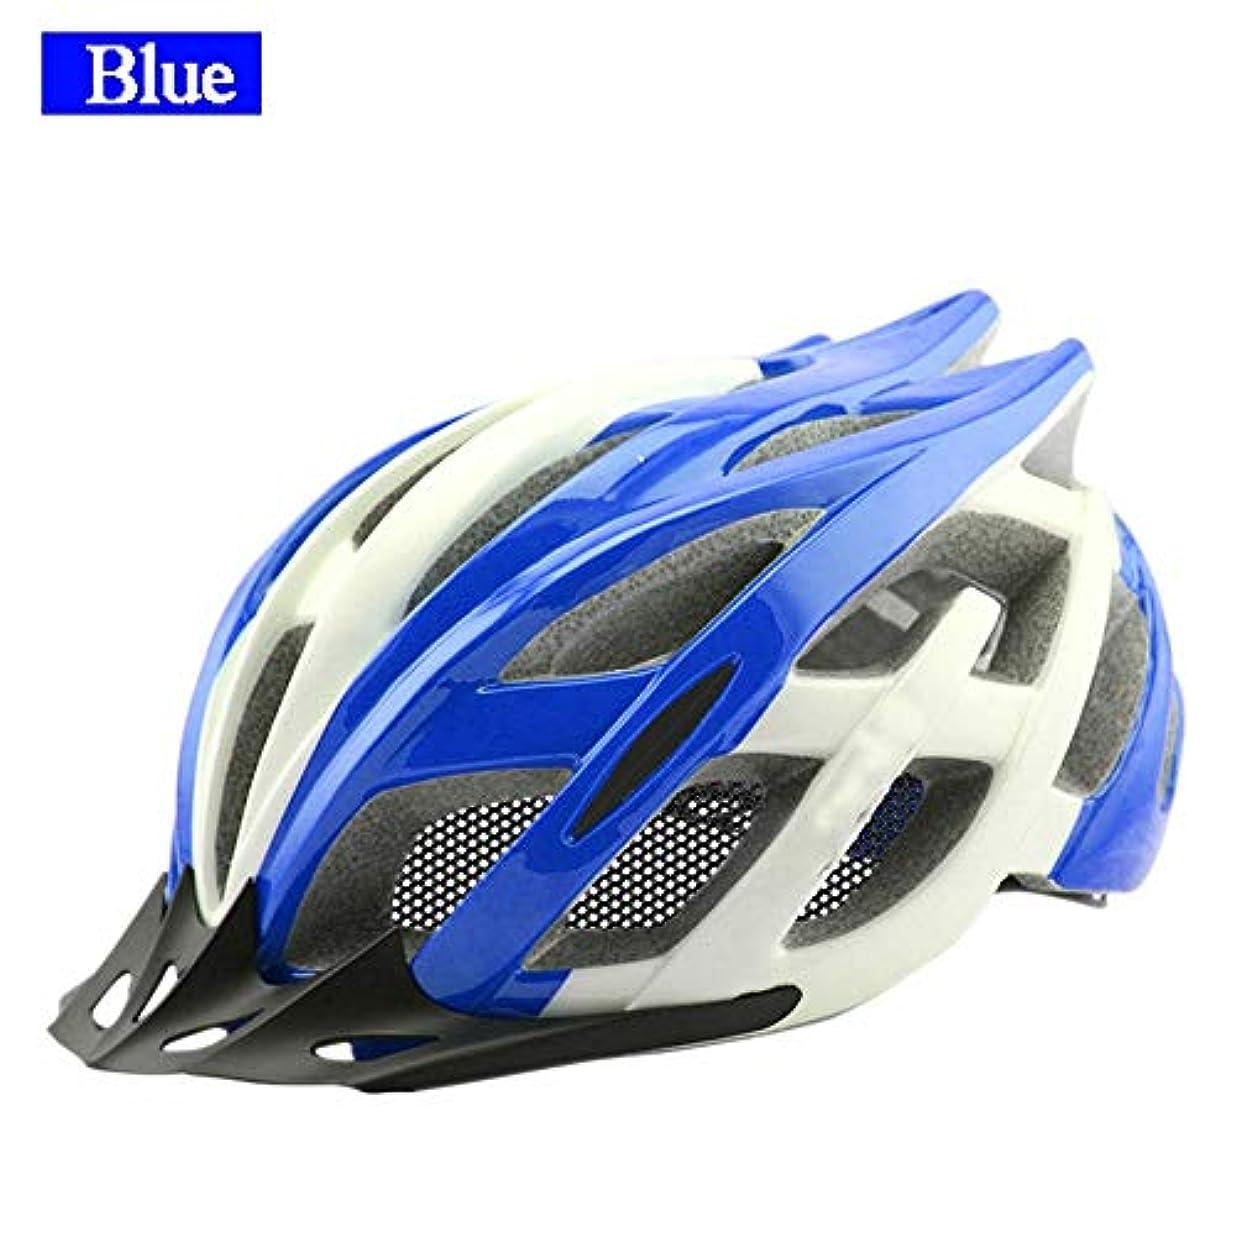 きらめく衝突継続中Safety マウンテンバイクヘルメット乗馬用ヘルメット一体成形自転車用ヘルメットアウトドアスポーツ用保護具 (色 : Blue)